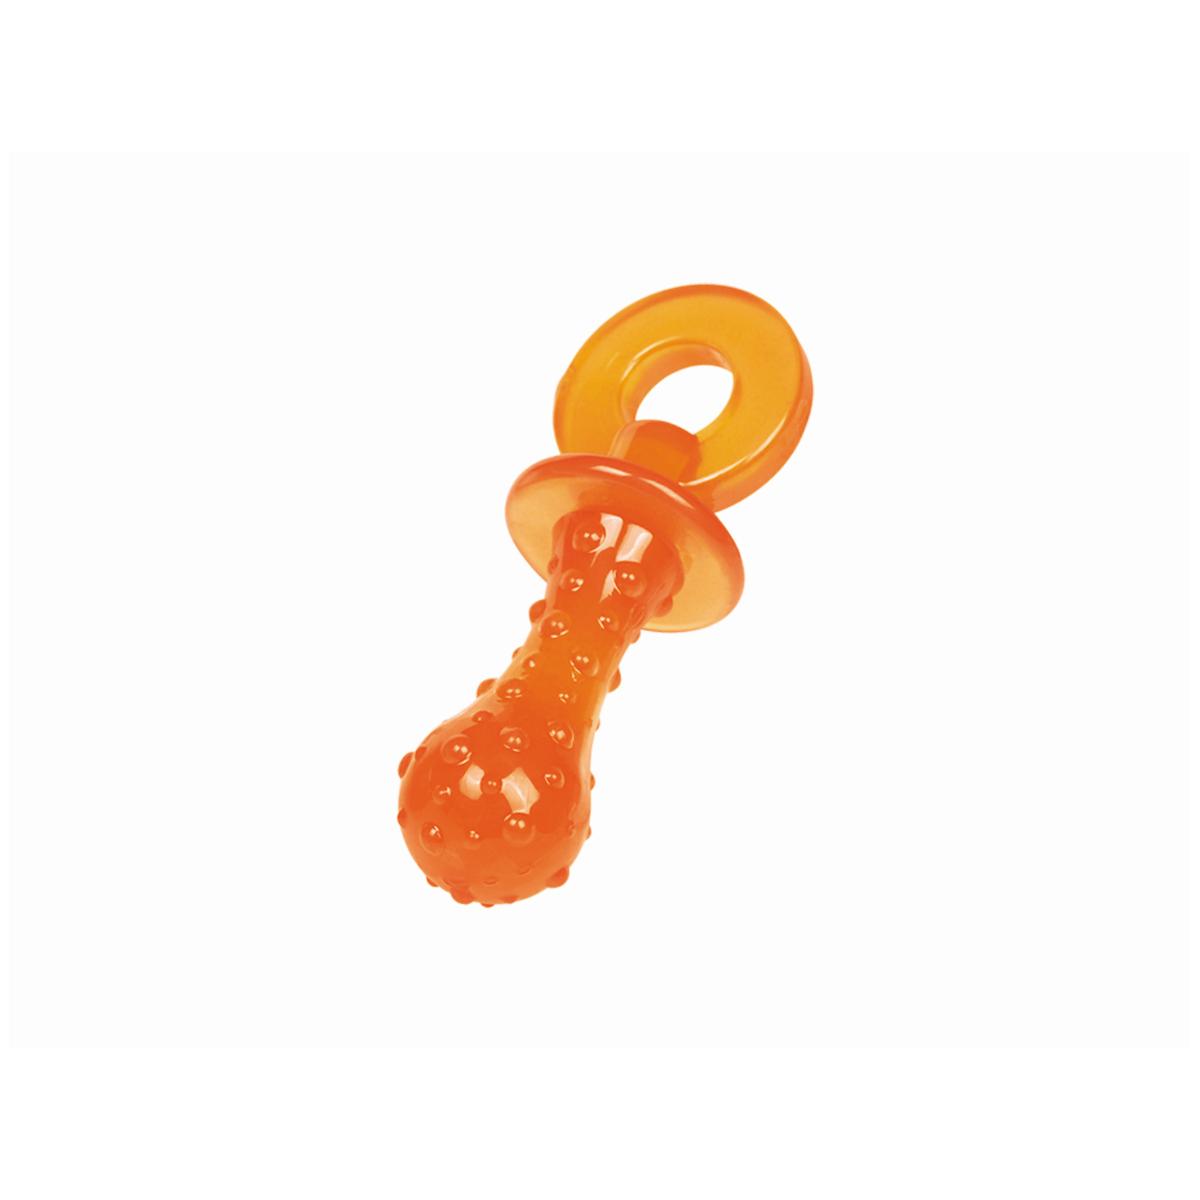 Spijkerspeen oranje 3 st